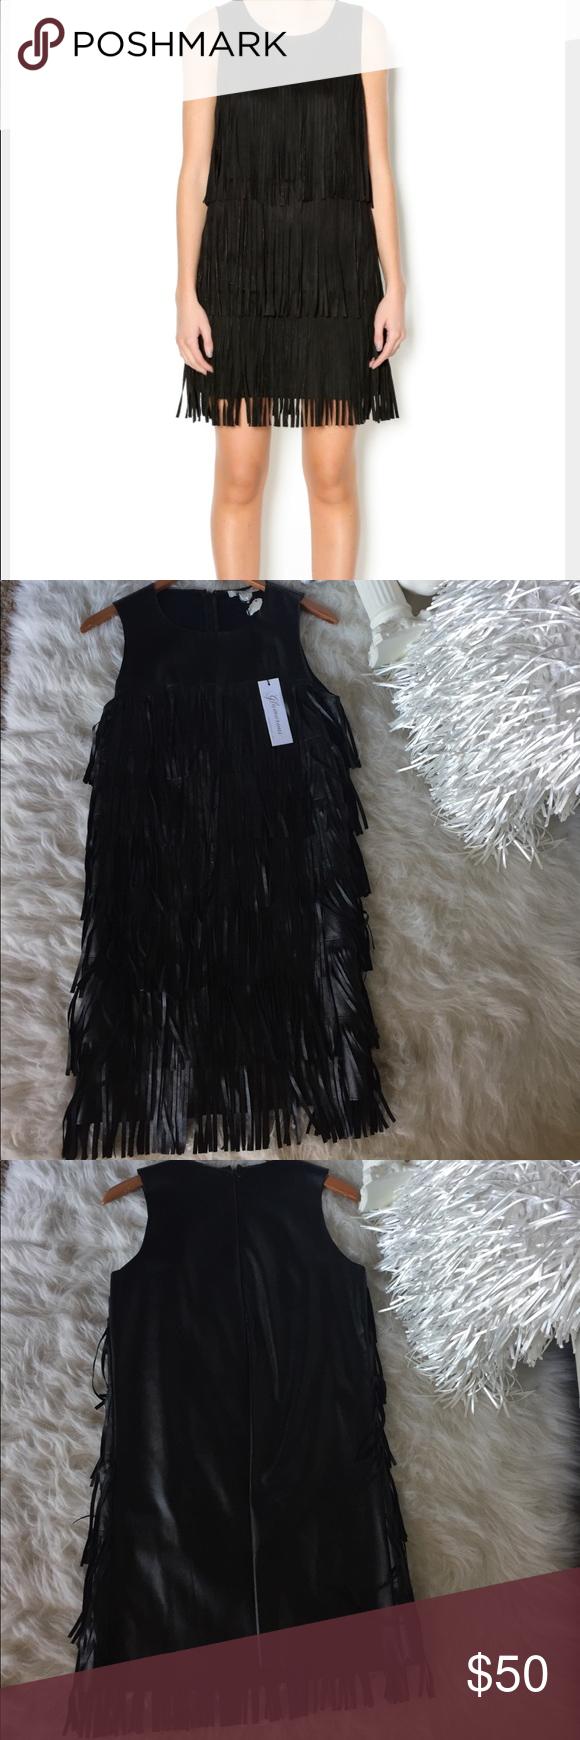 Vegan Faux Leather Fringe Dress Layers of fringe in front. Sleek back with no fringe. Zippered up back . Sleeveless. Brand new, never worn. Glamorous Dresses Mini